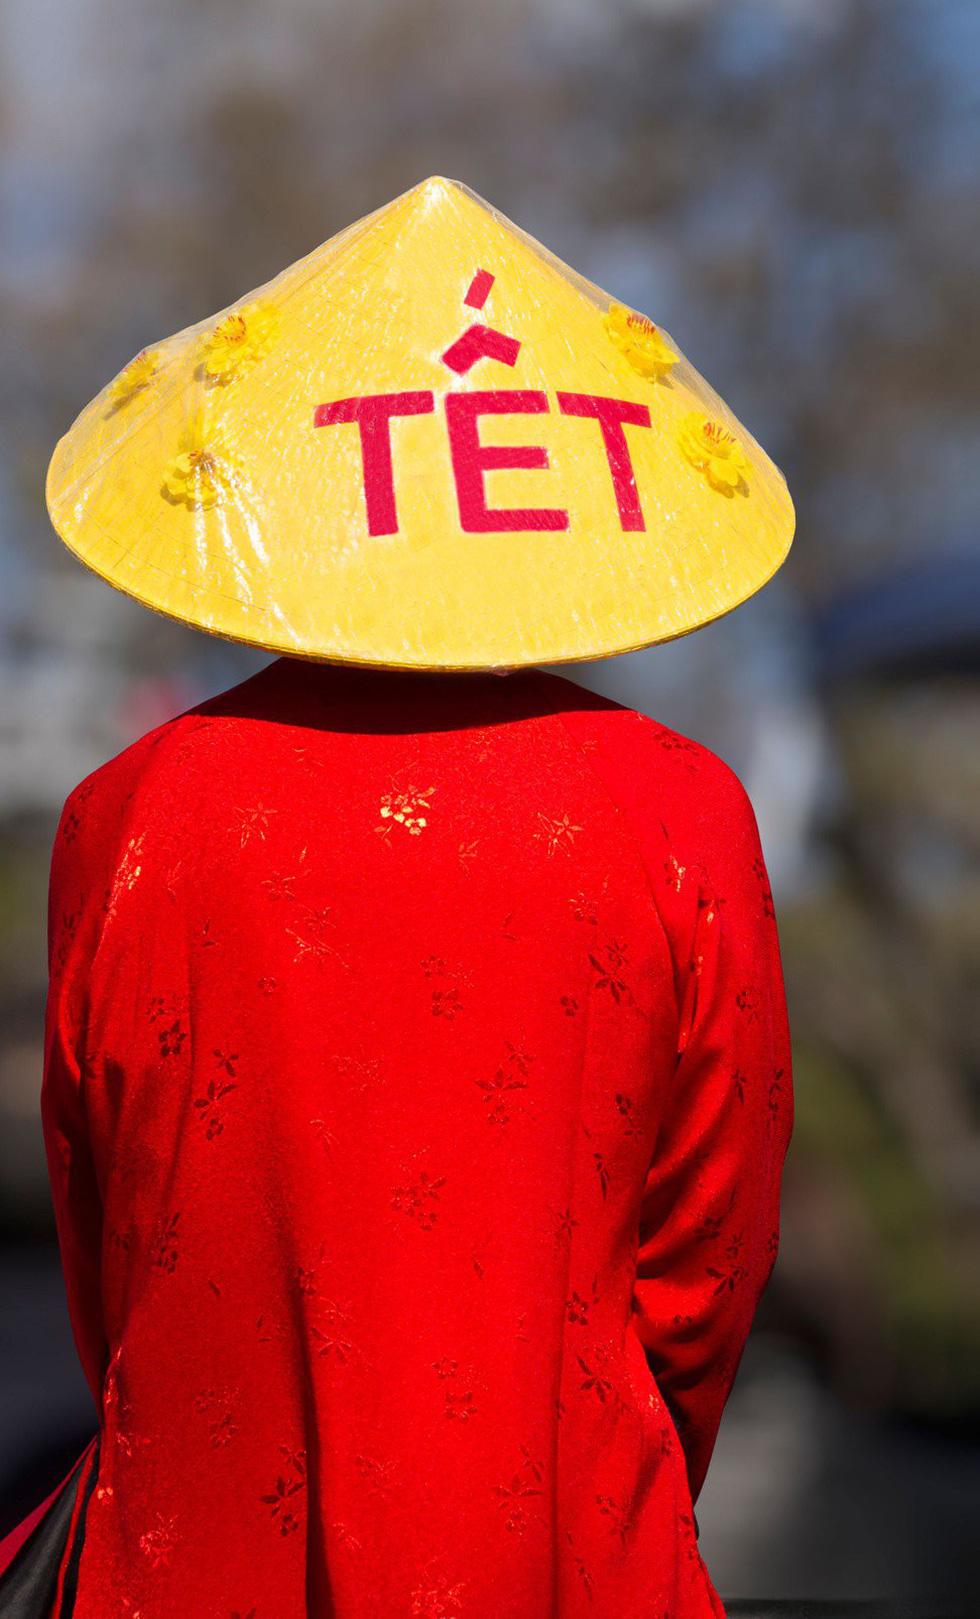 Báo Hong Kong: Tất cả những điều bạn cần biết về Tết của Việt Nam - Ảnh 4.